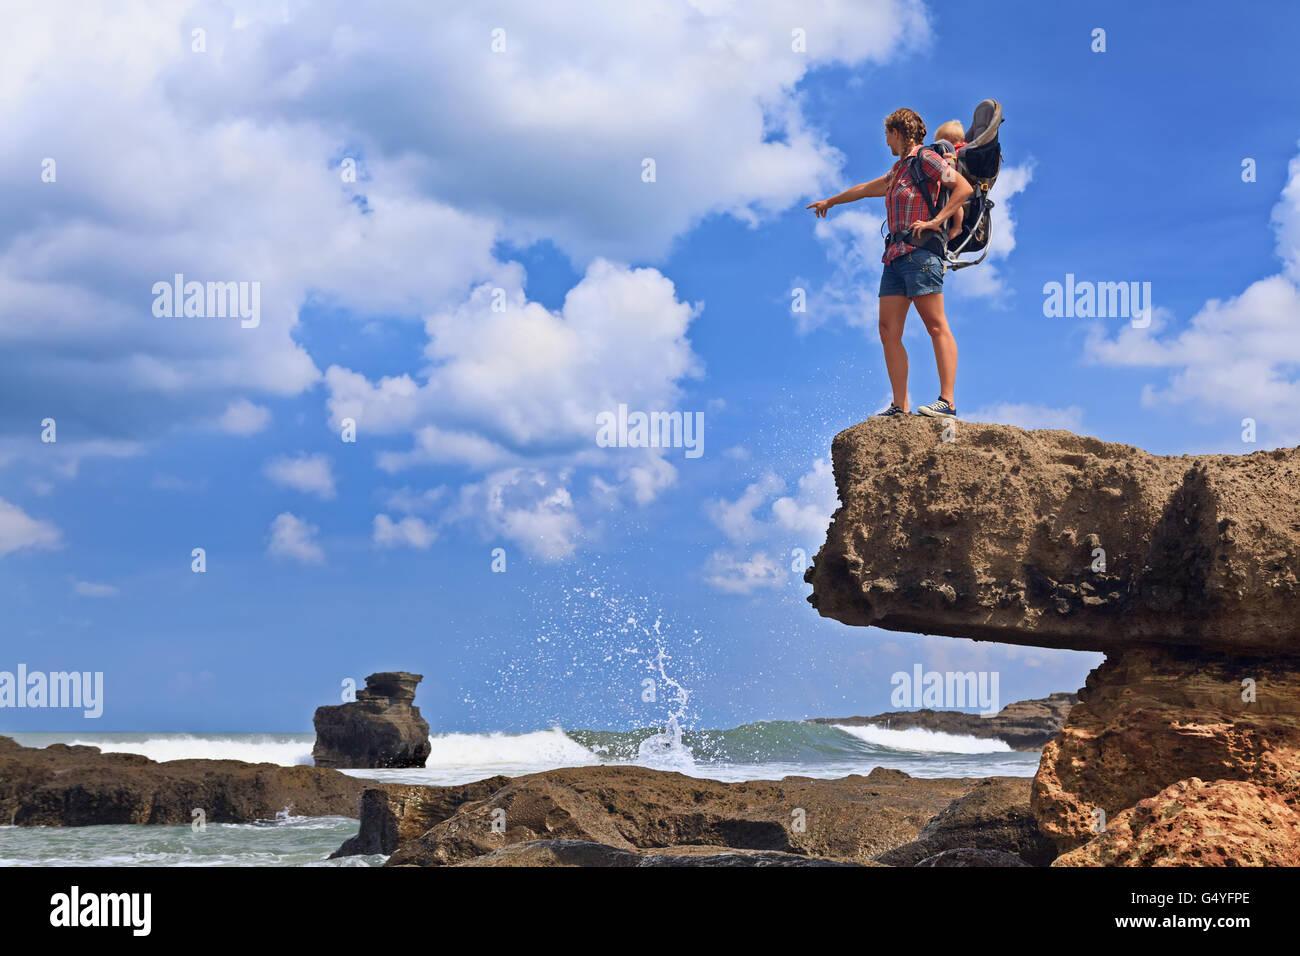 Natur Fuß am Strand. Glückliche Mutter hohe Felswand halten wenig Reisende im Rucksack. Baby Ride auf Stockbild